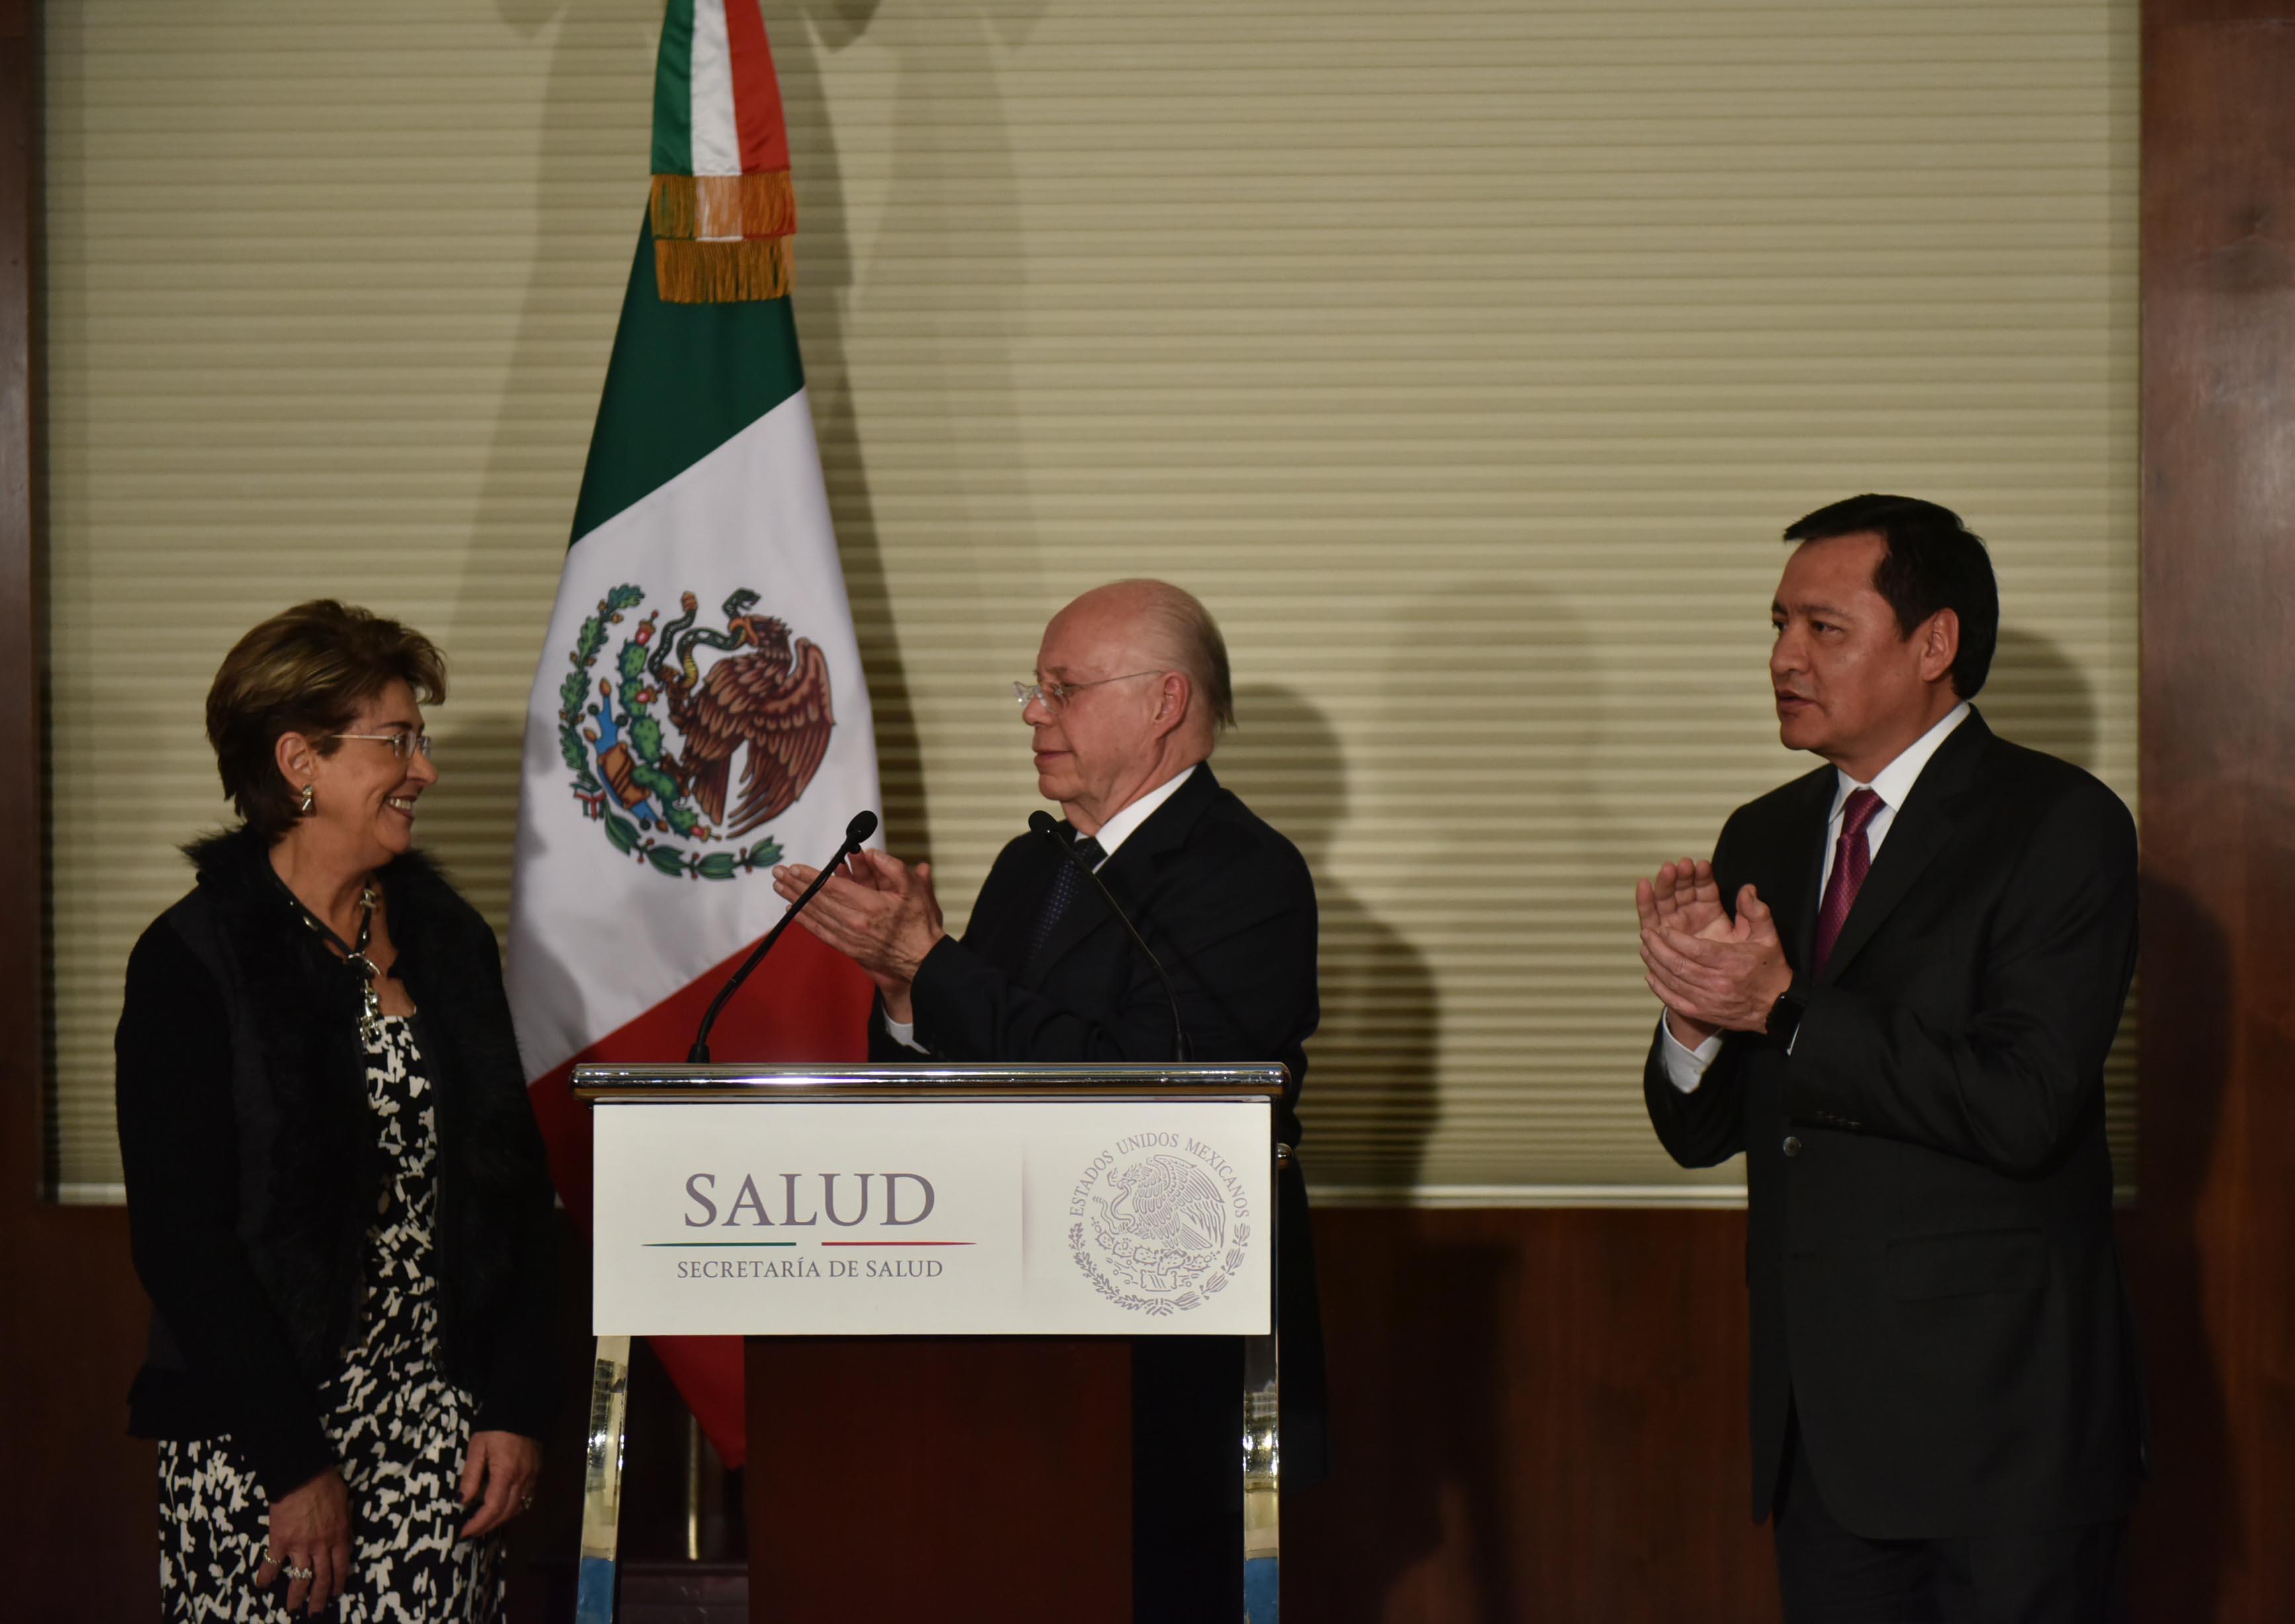 La Exsecretaria de Saldud, Mecredes Juan López, durante la toma de posesión como nuevo Secretario de Salud a José Narro Robles.